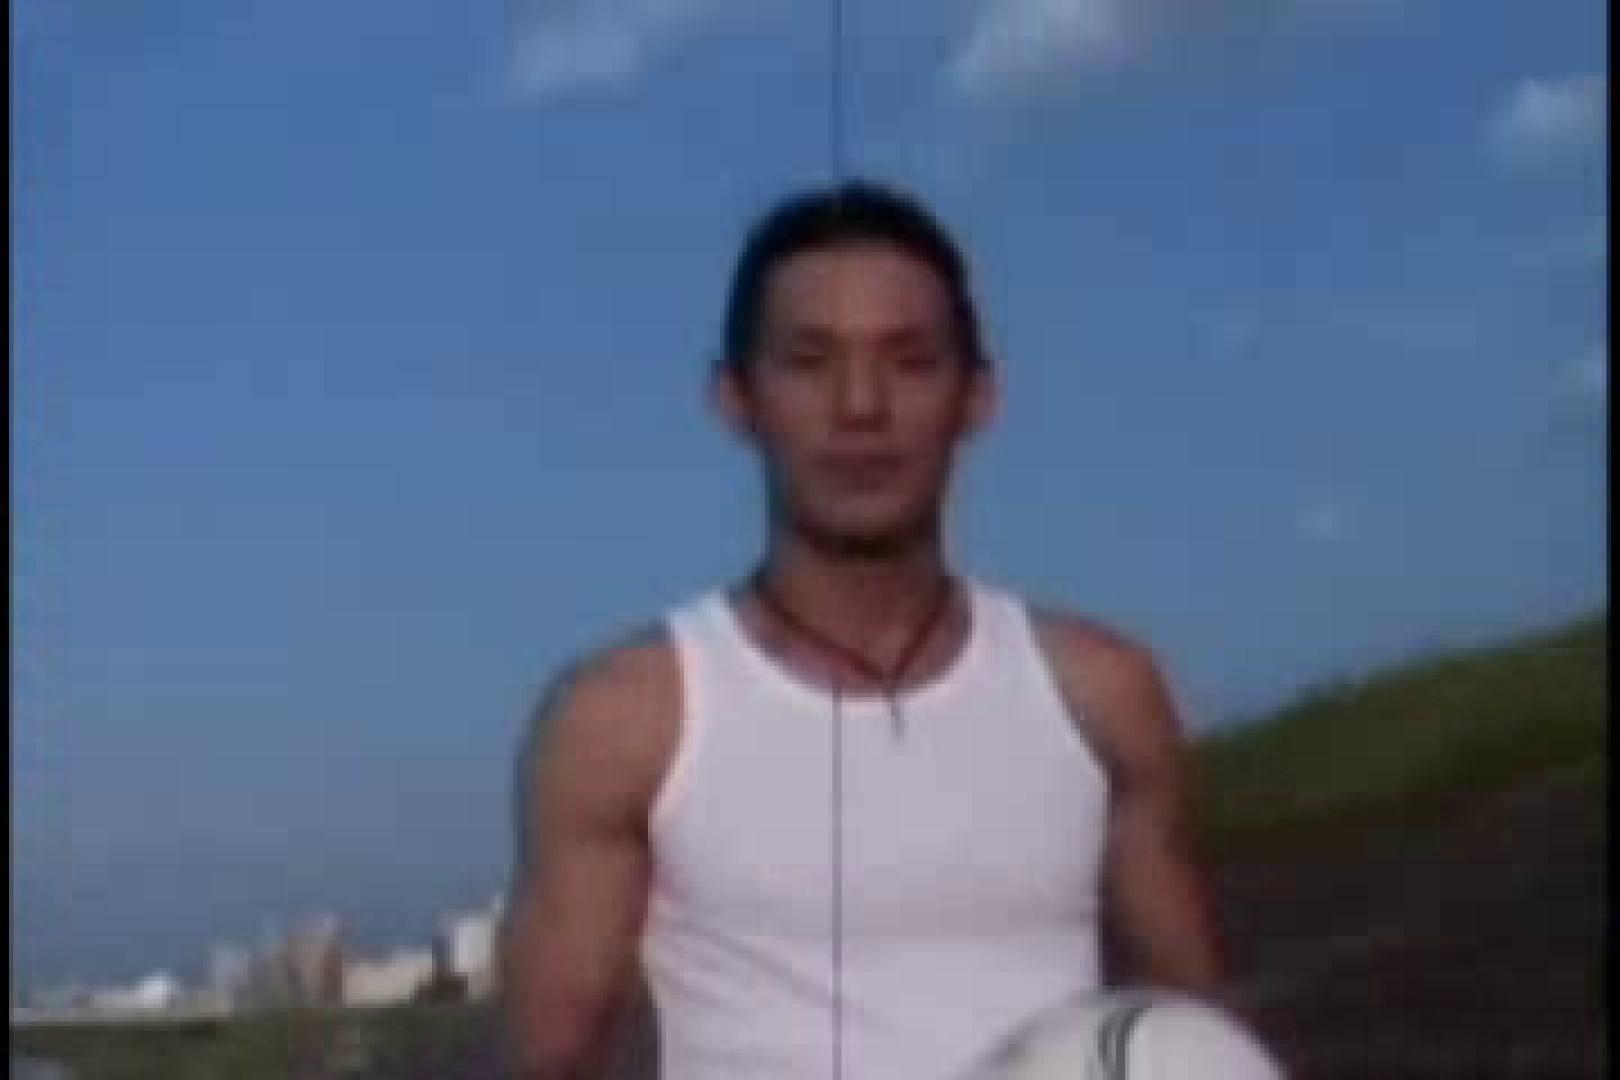 スリ筋!!スポメンのDANKON最高!!take.01 スポーツマン ゲイモロ見え画像 77画像 40